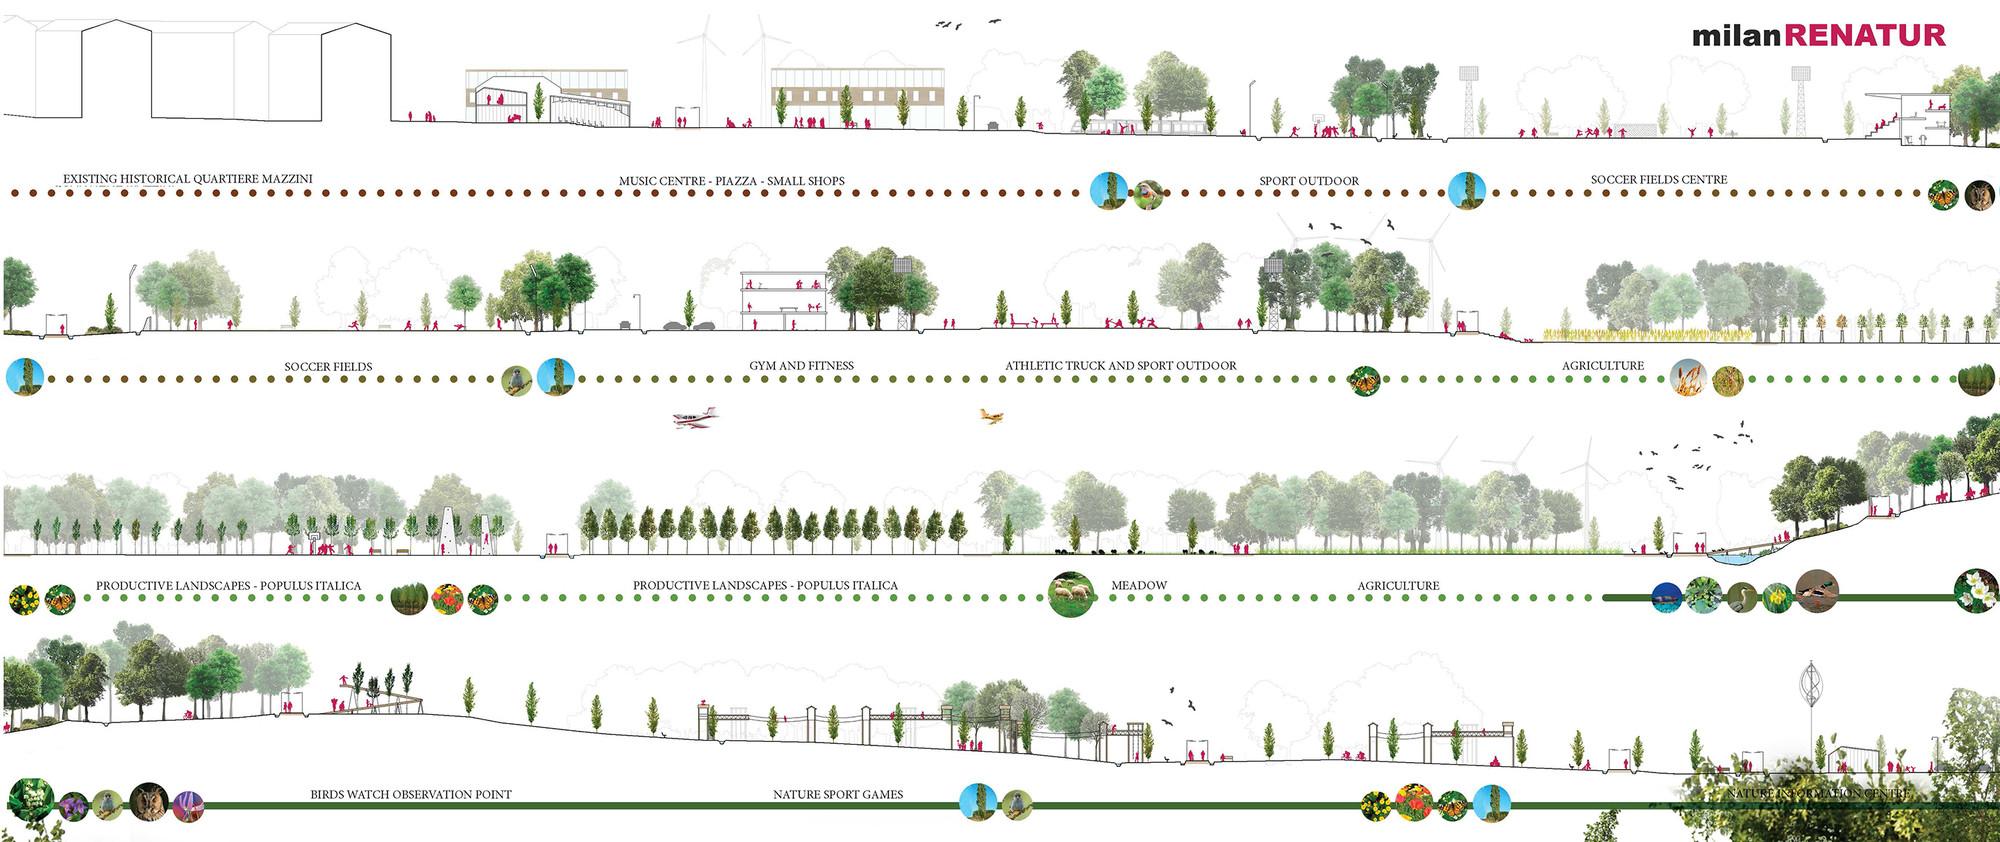 AAIMM, primer lugar en categoría urbanismo y paisajismo en última entrega de Premios AJAC IX, Cortes/secciones